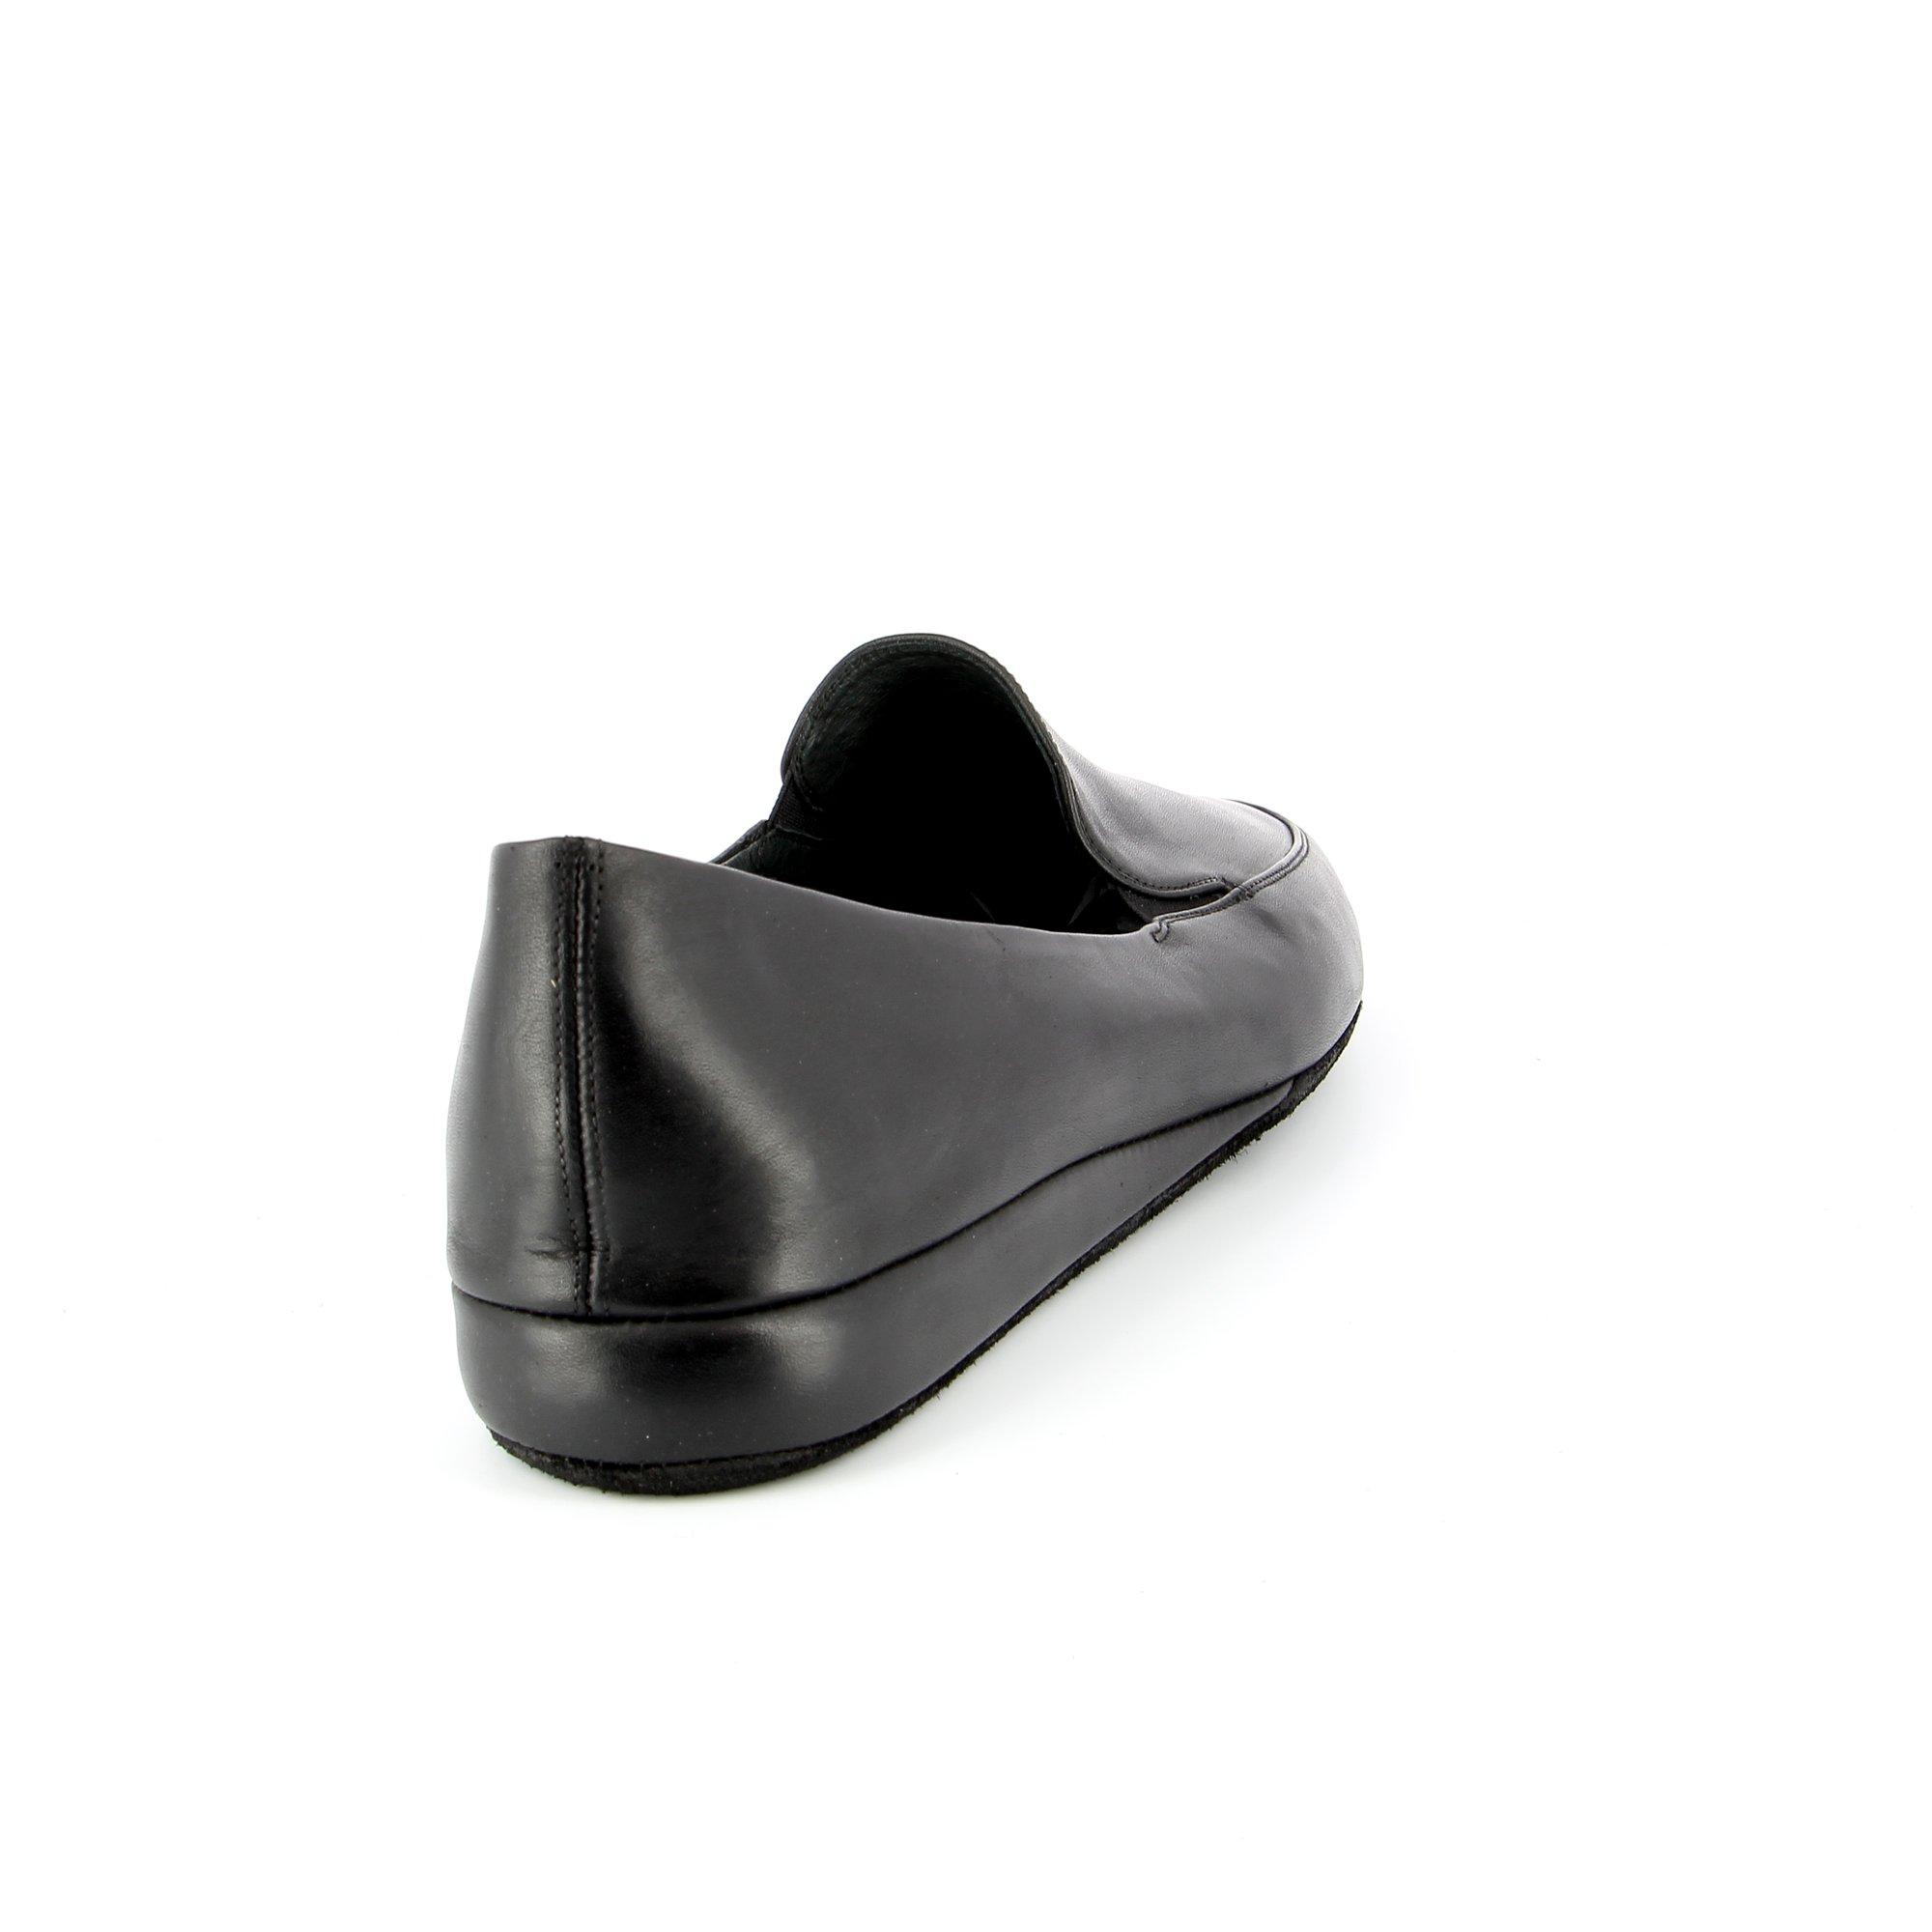 Sofacq Pantoufles noir